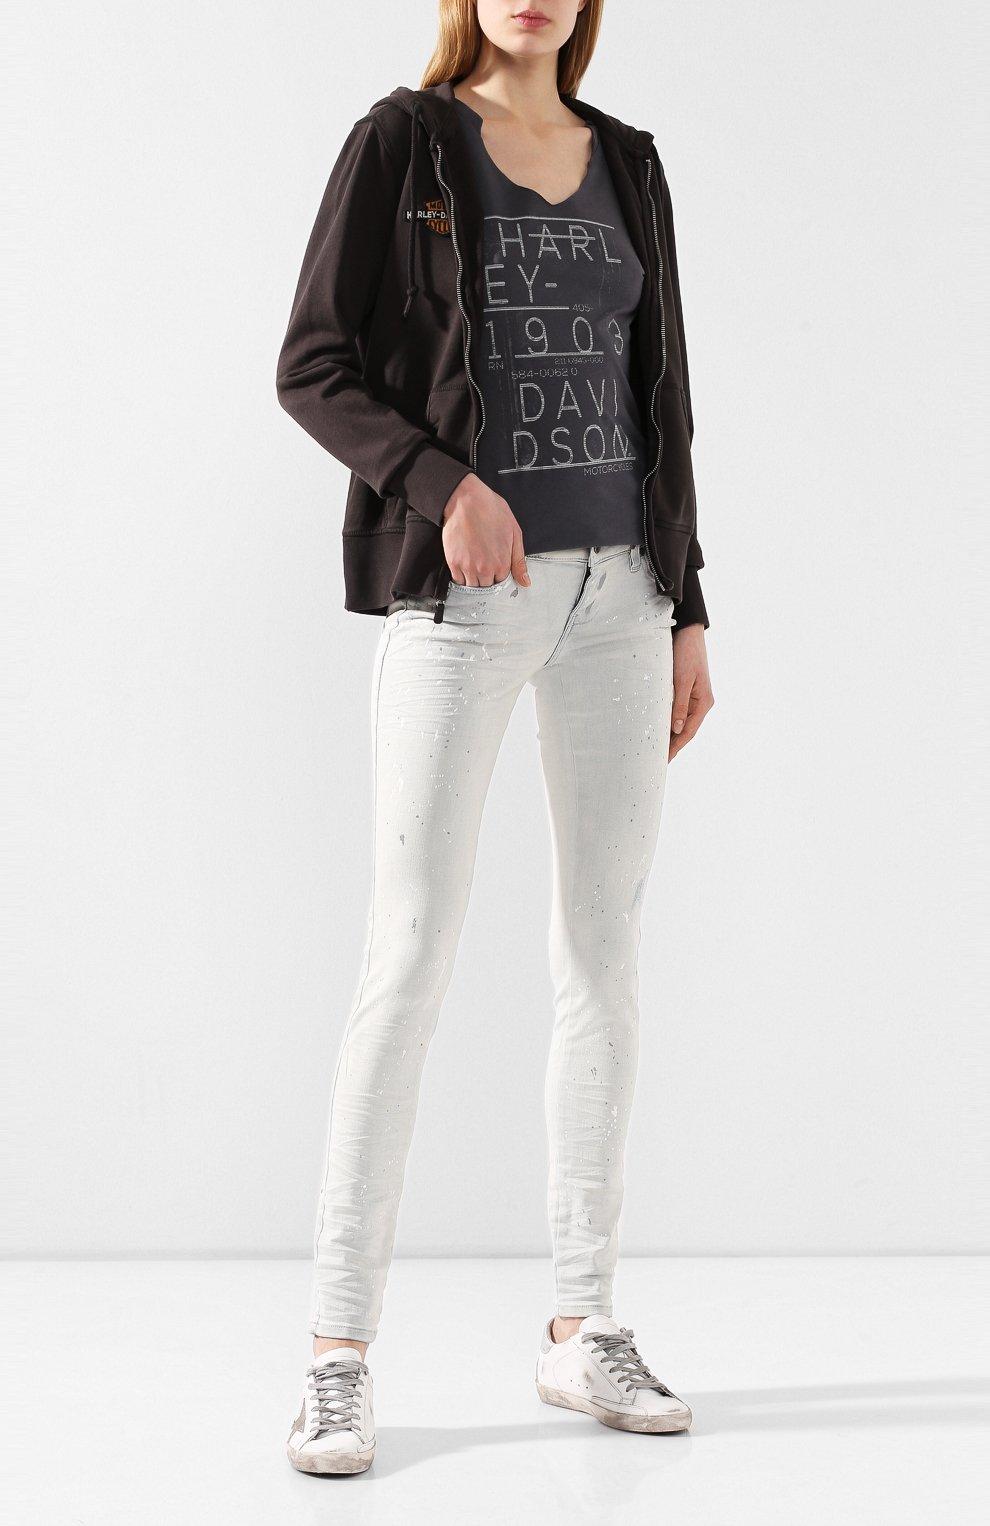 Женские джинсы black label HARLEY-DAVIDSON белого цвета, арт. 96375-16VW | Фото 2